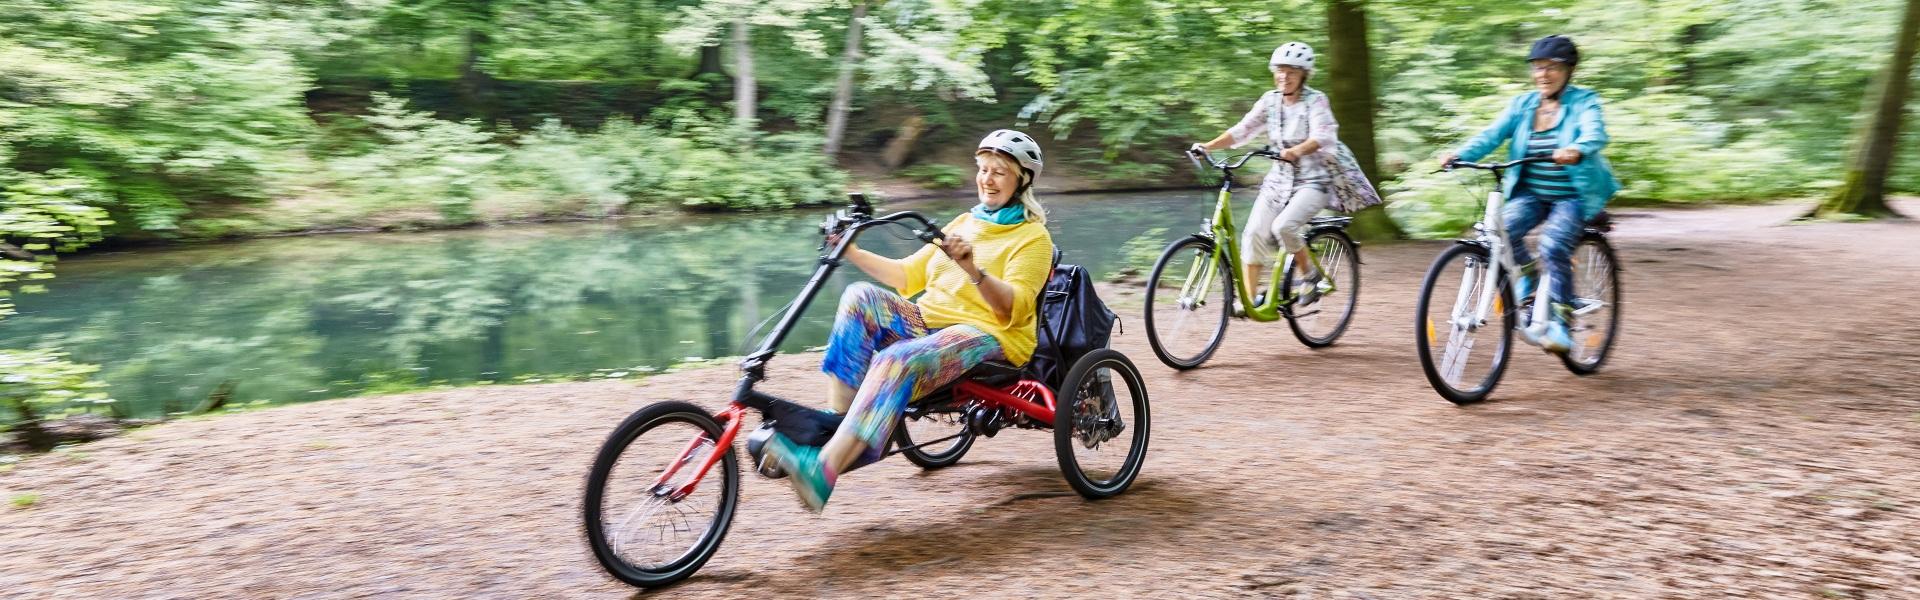 Frau fährt auf ihrem HASE BIKES Delta-Trike mit zwei Freundinnen durch den Wald